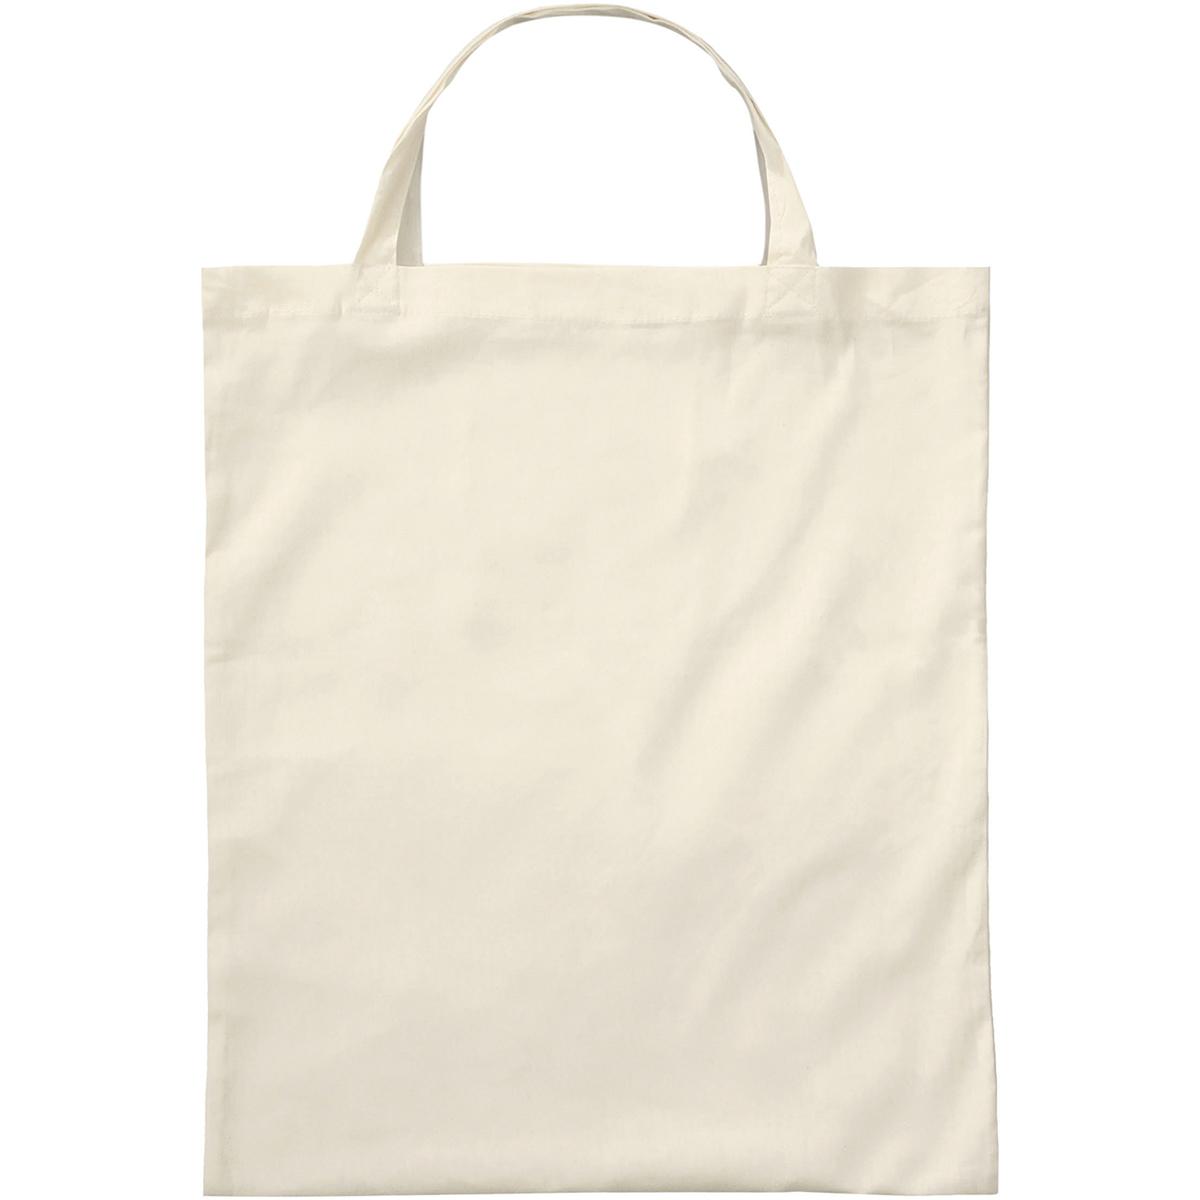 3842KOGN - Bio-Baumwoll-Tasche mit kurzen Henkeln